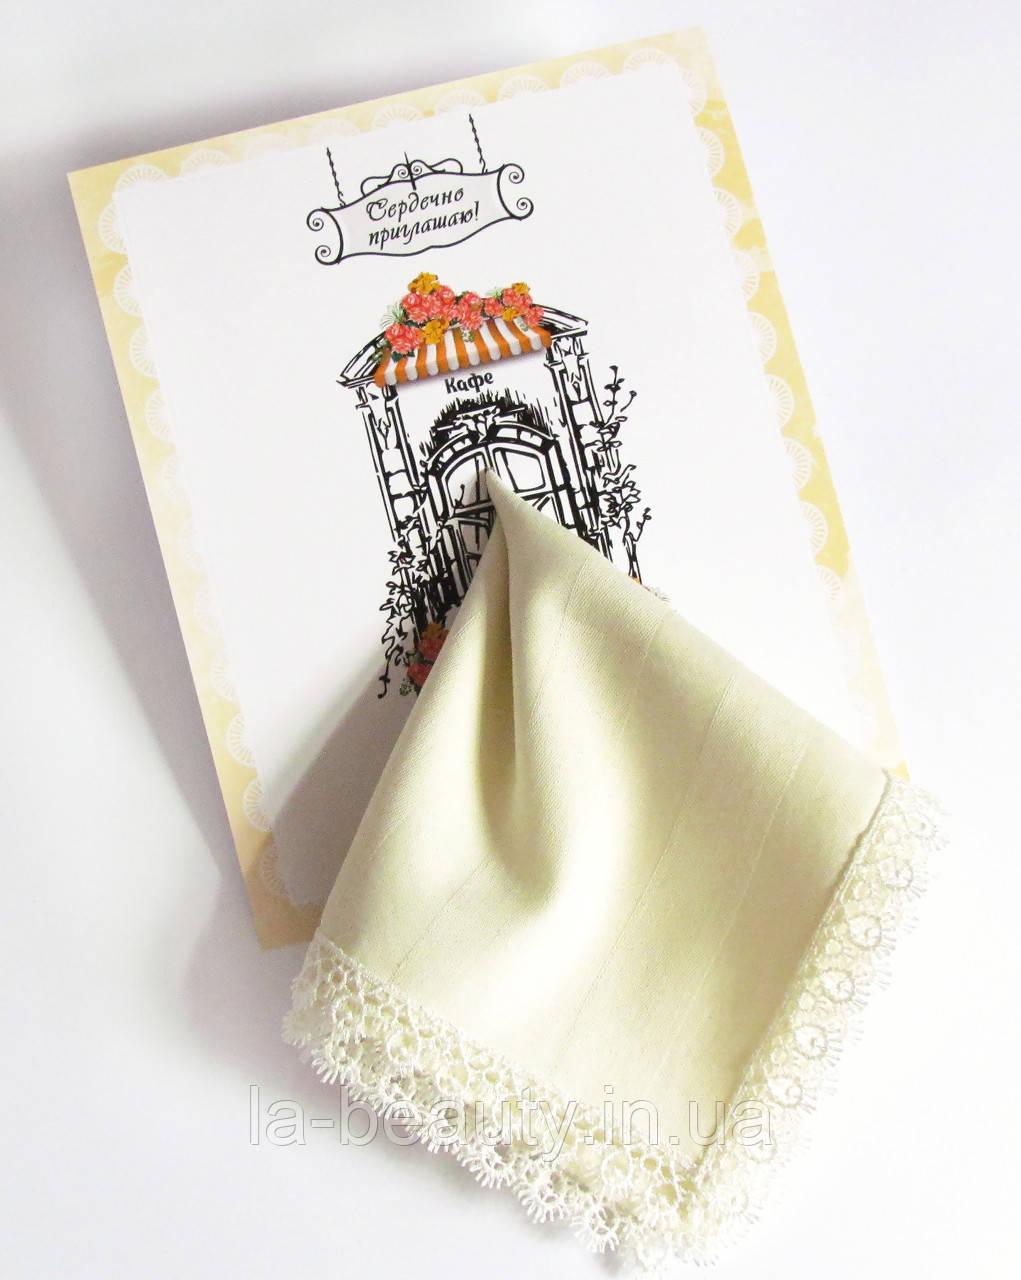 Подарочный носовой платок Сердечно приглашаю айвори с кружевом